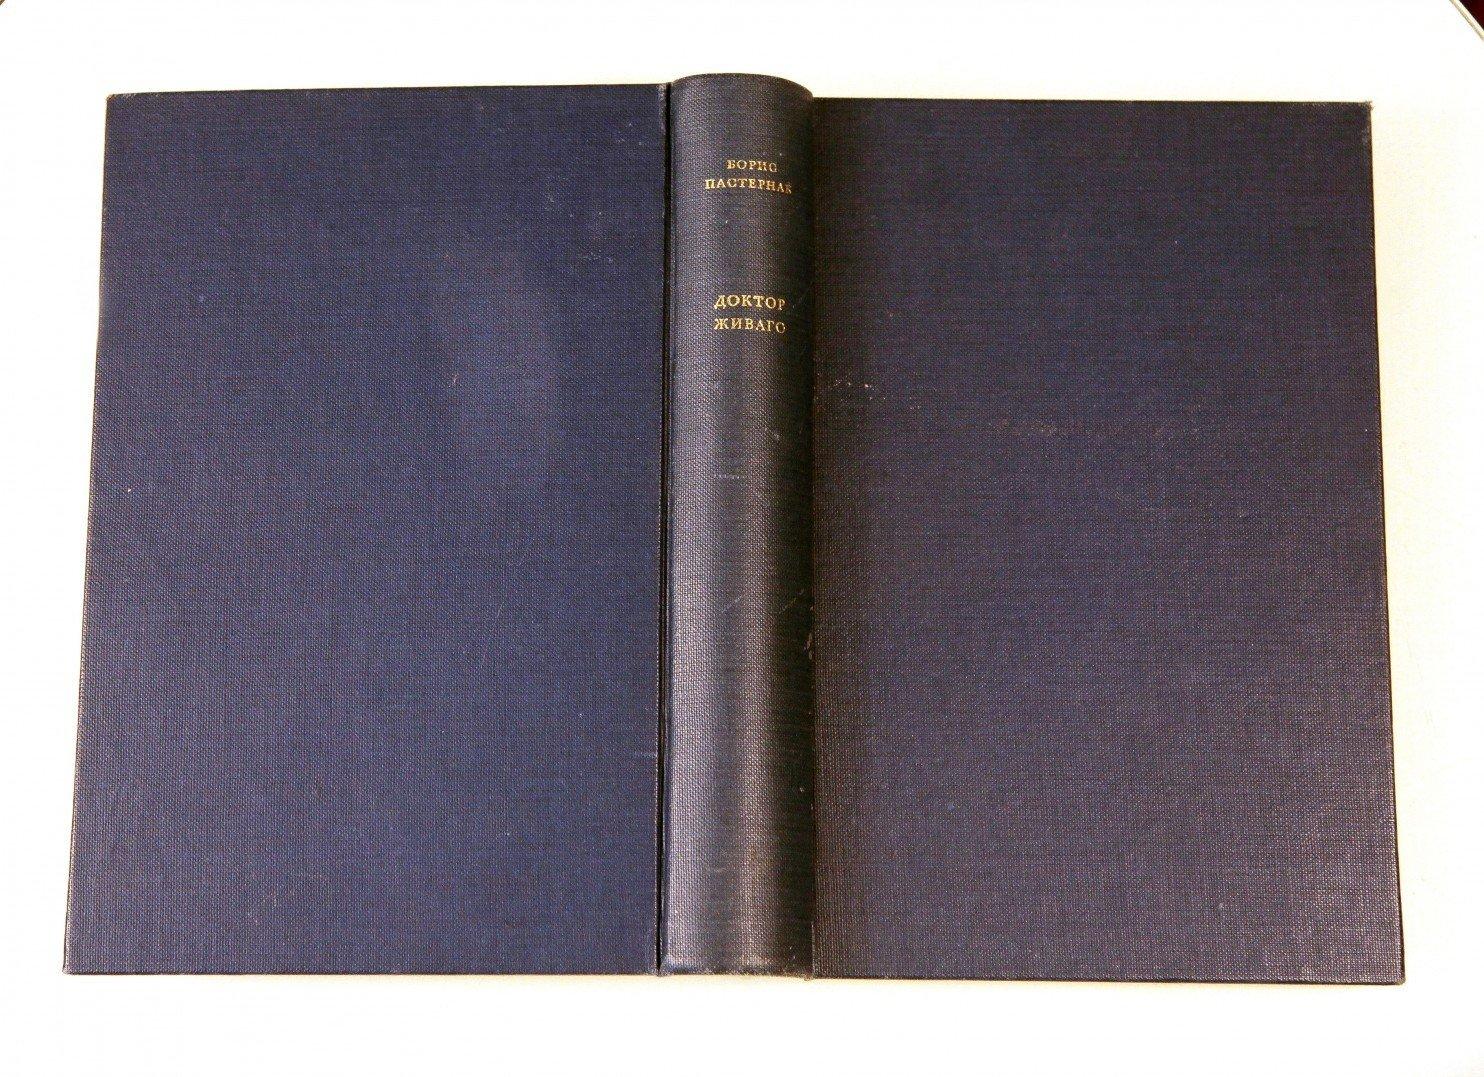 Cubierta de la edición de 1958 impresa por la CIA